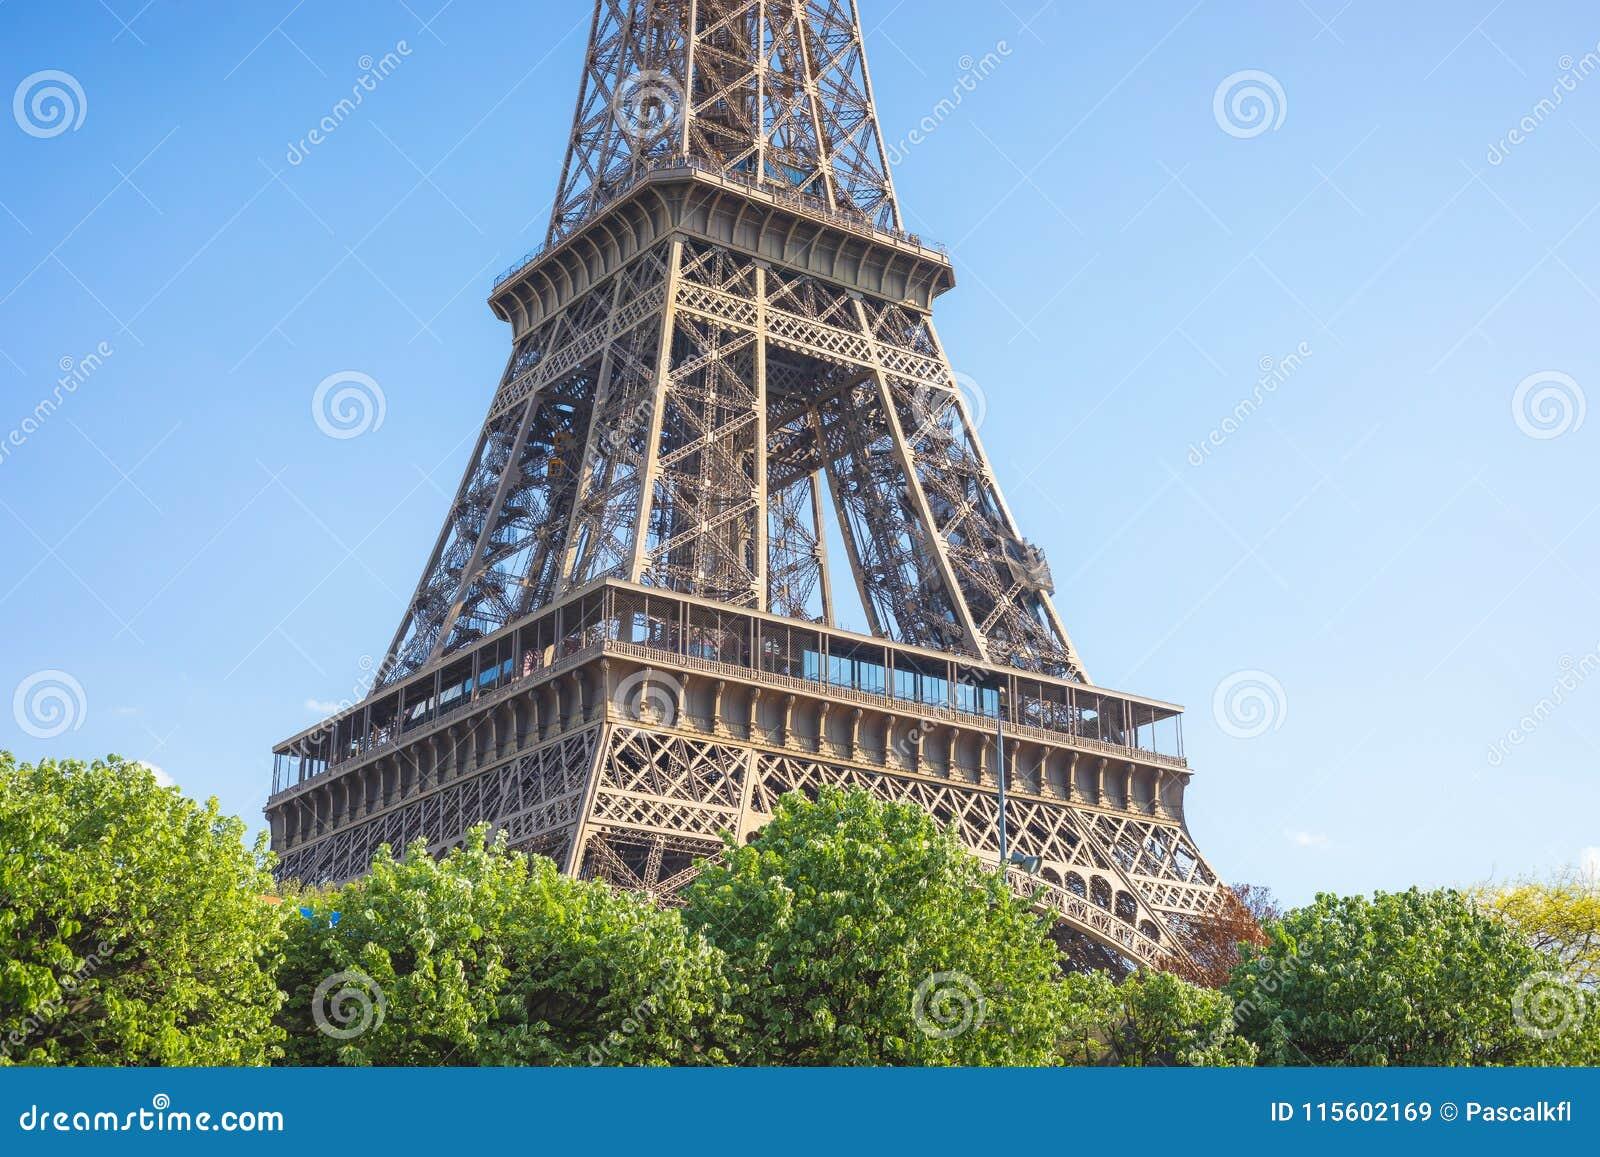 Κλείστε επάνω ενός μέρους του πύργου του Άιφελ ενάντια σε έναν φωτεινό μπλε ουρανό, Παρίσι, Γαλλία